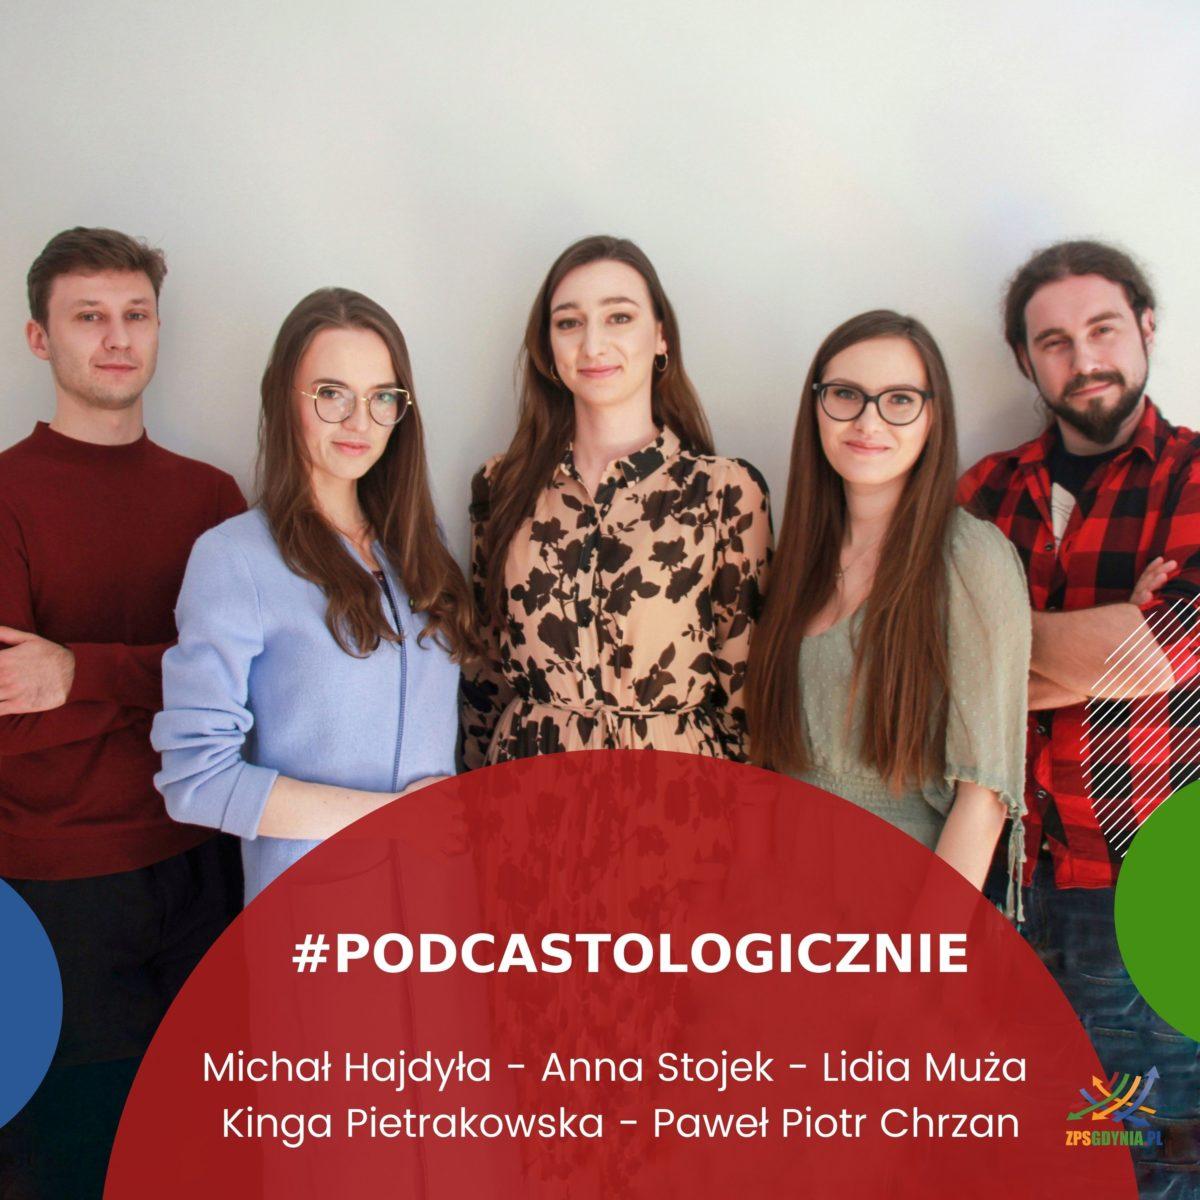 podcastologicznie - zespół